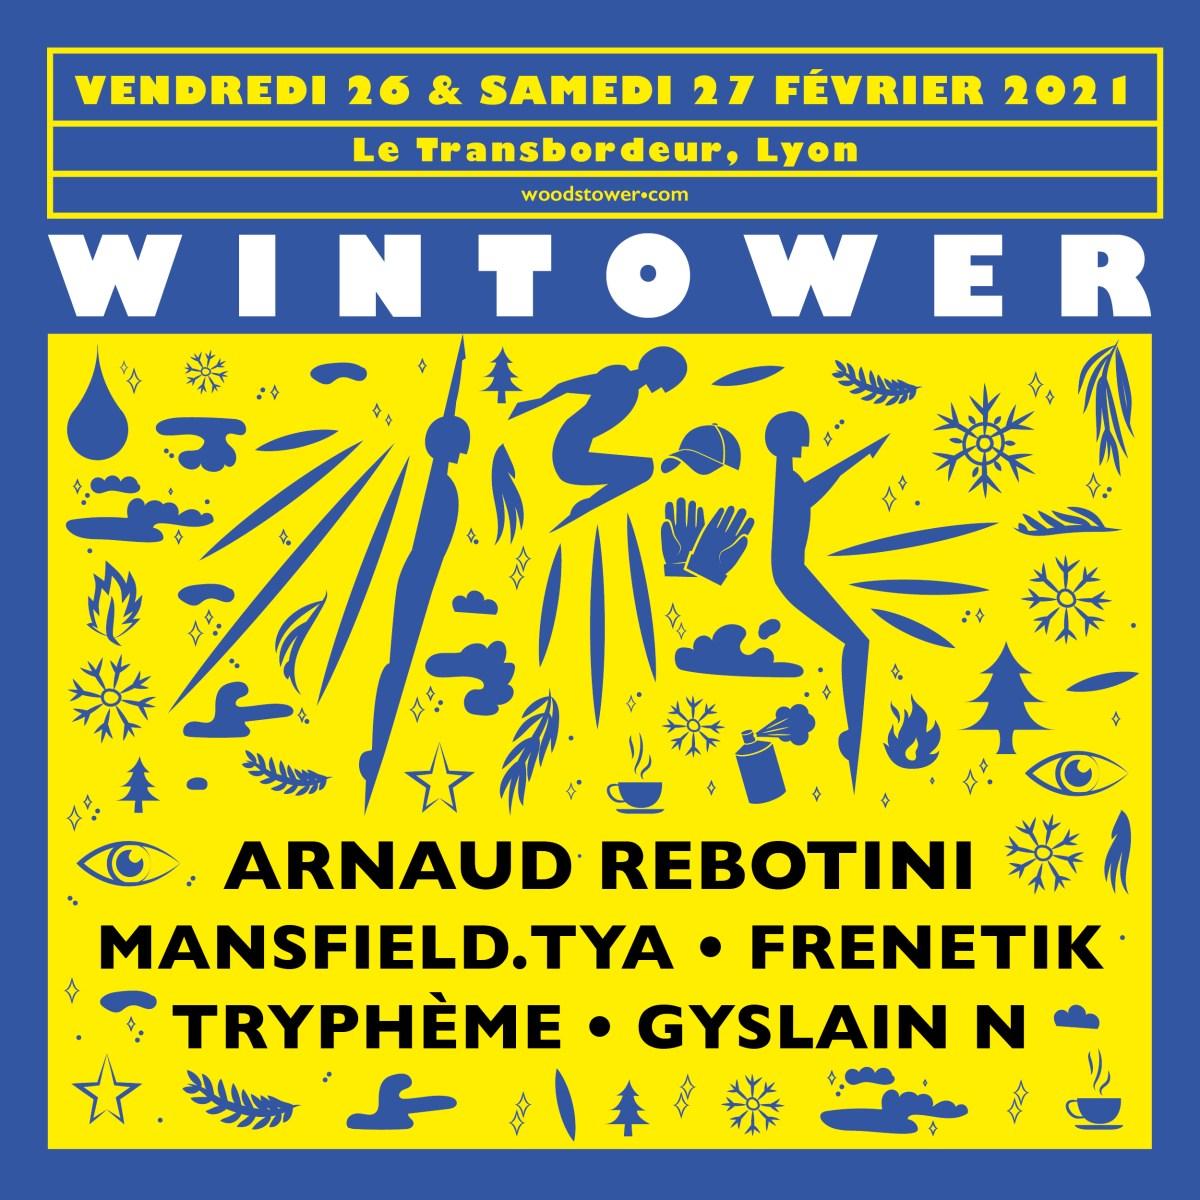 festival woodstower wintower